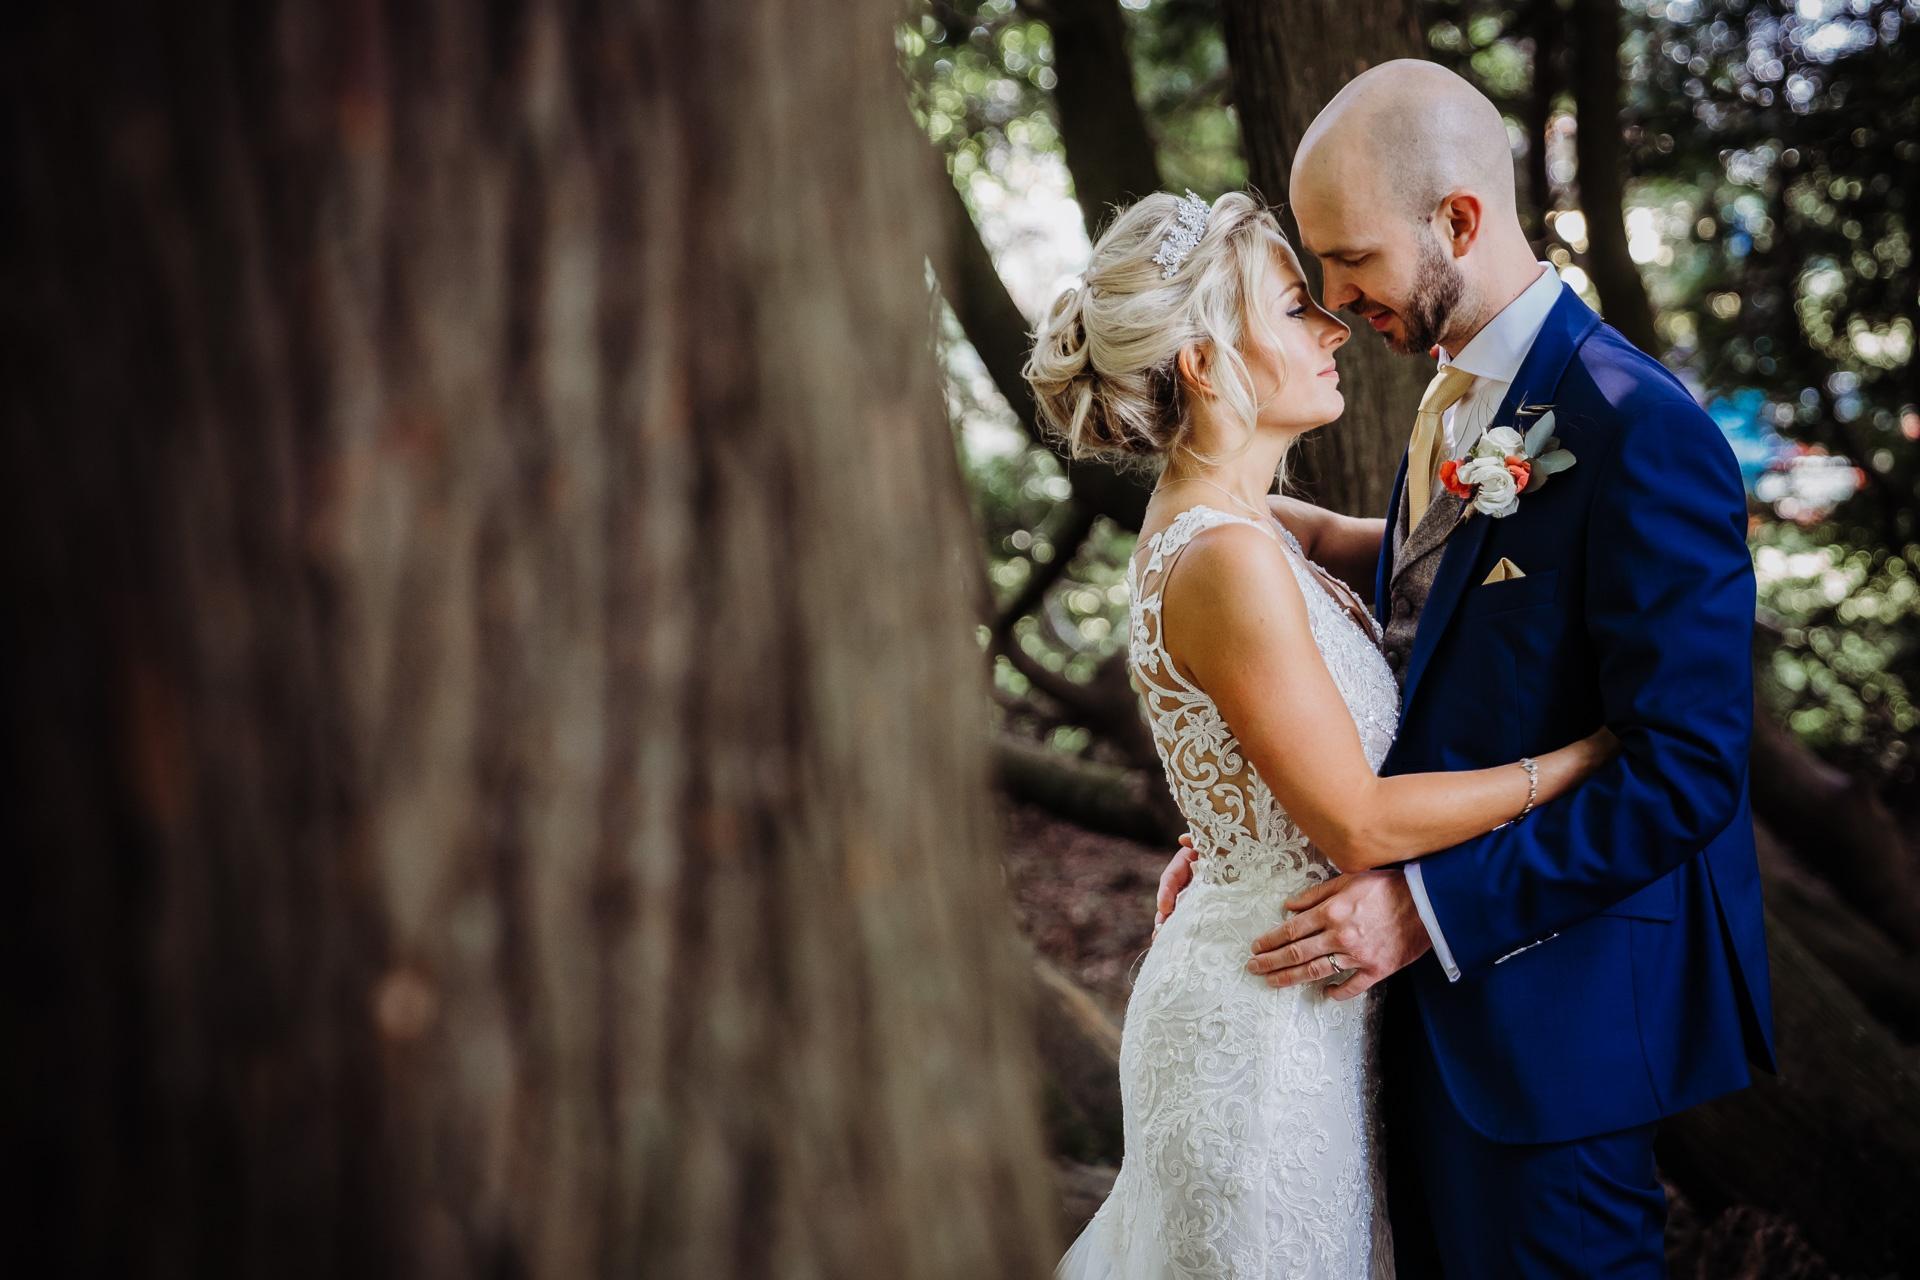 huntsham-court-wedding-photographer-031